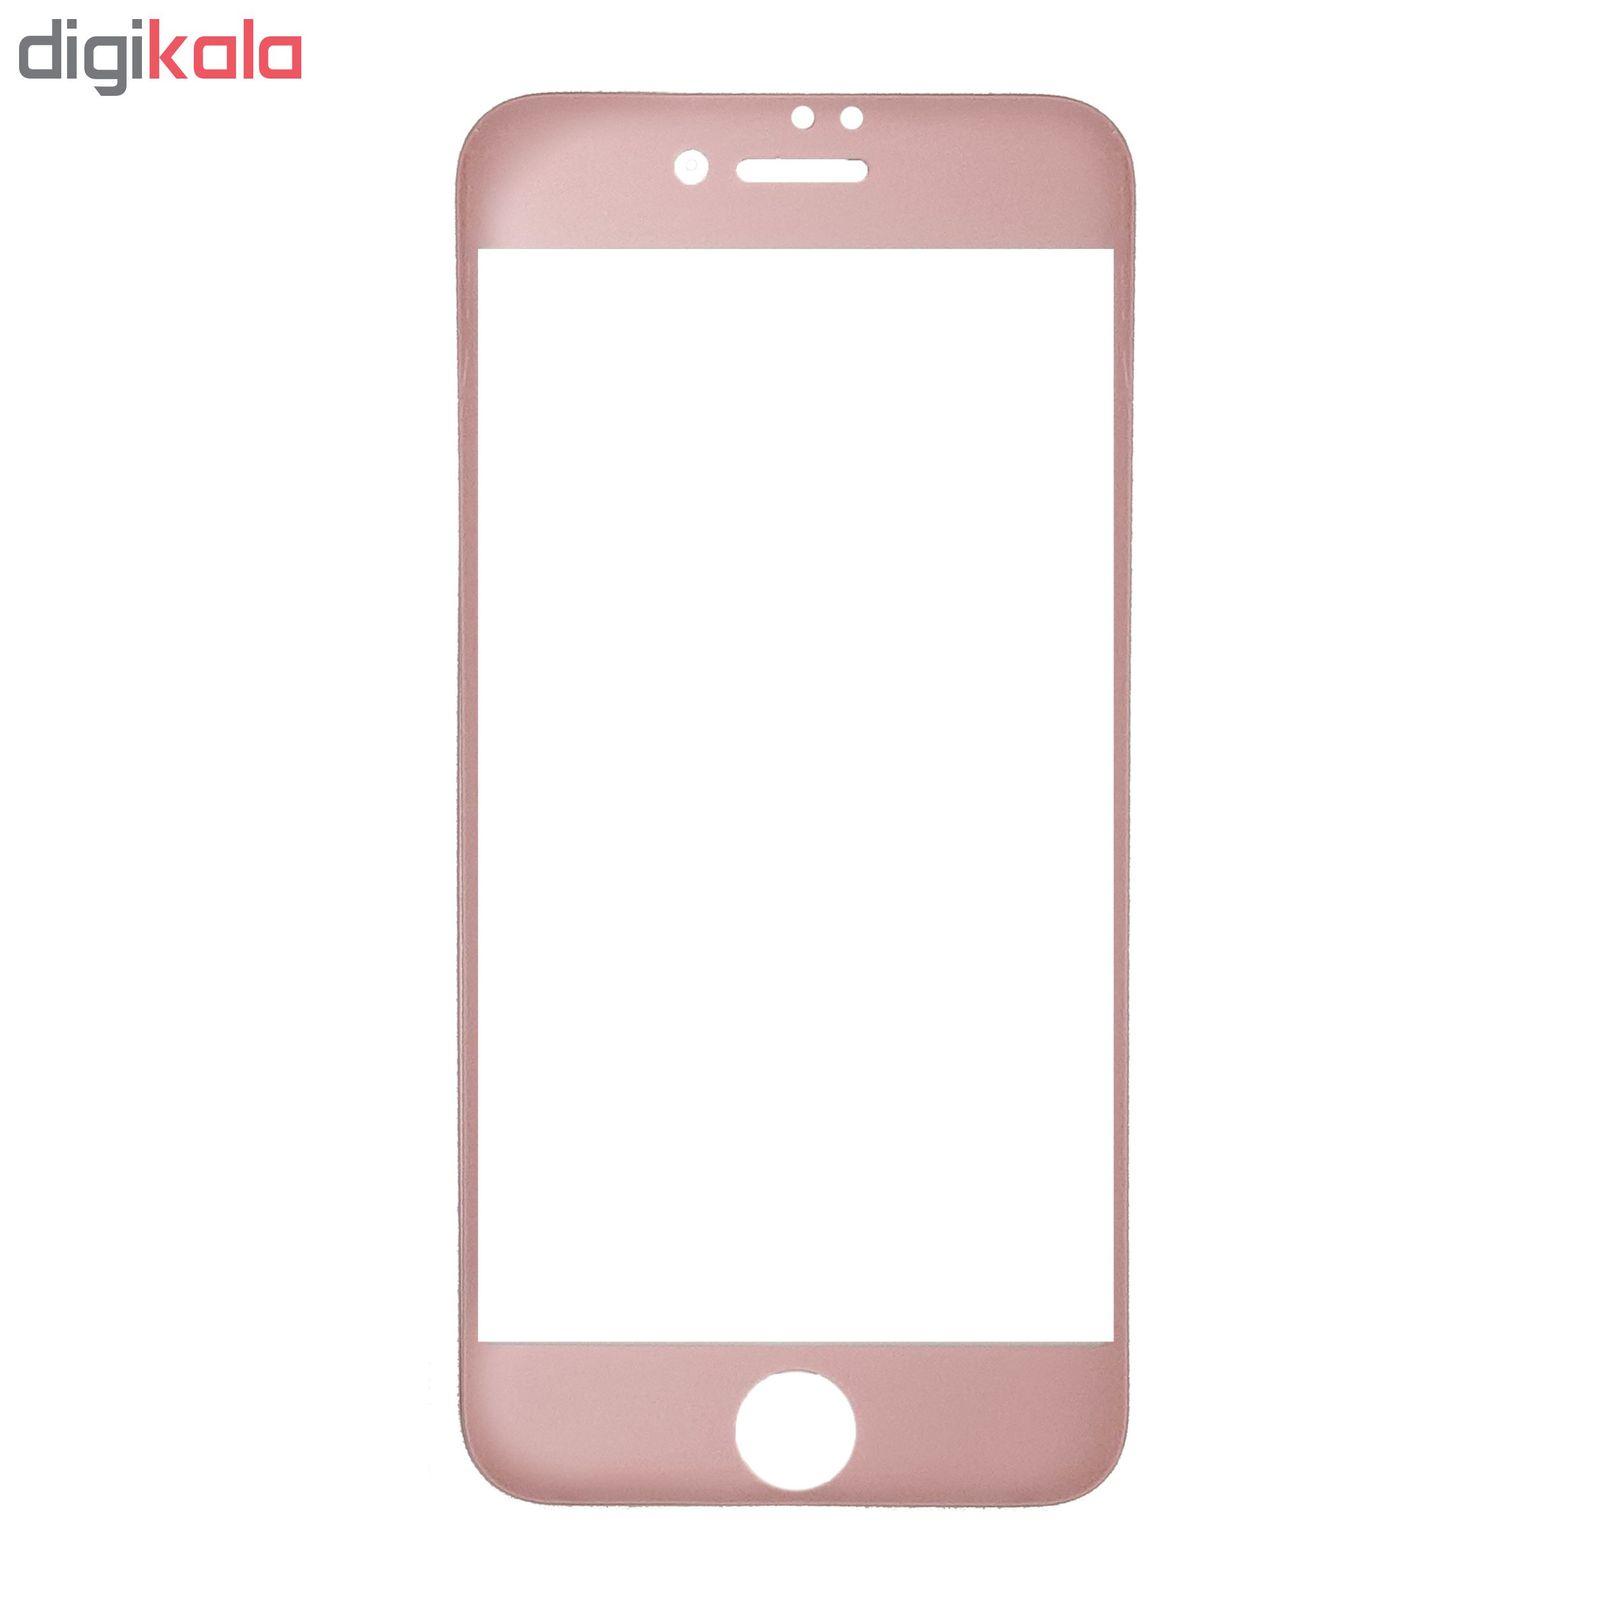 محافظ صفحه نمایش کد 10987 مناسب برای گوشی موبایل اپل iPhone 7 Plus / 8 Plus main 1 1